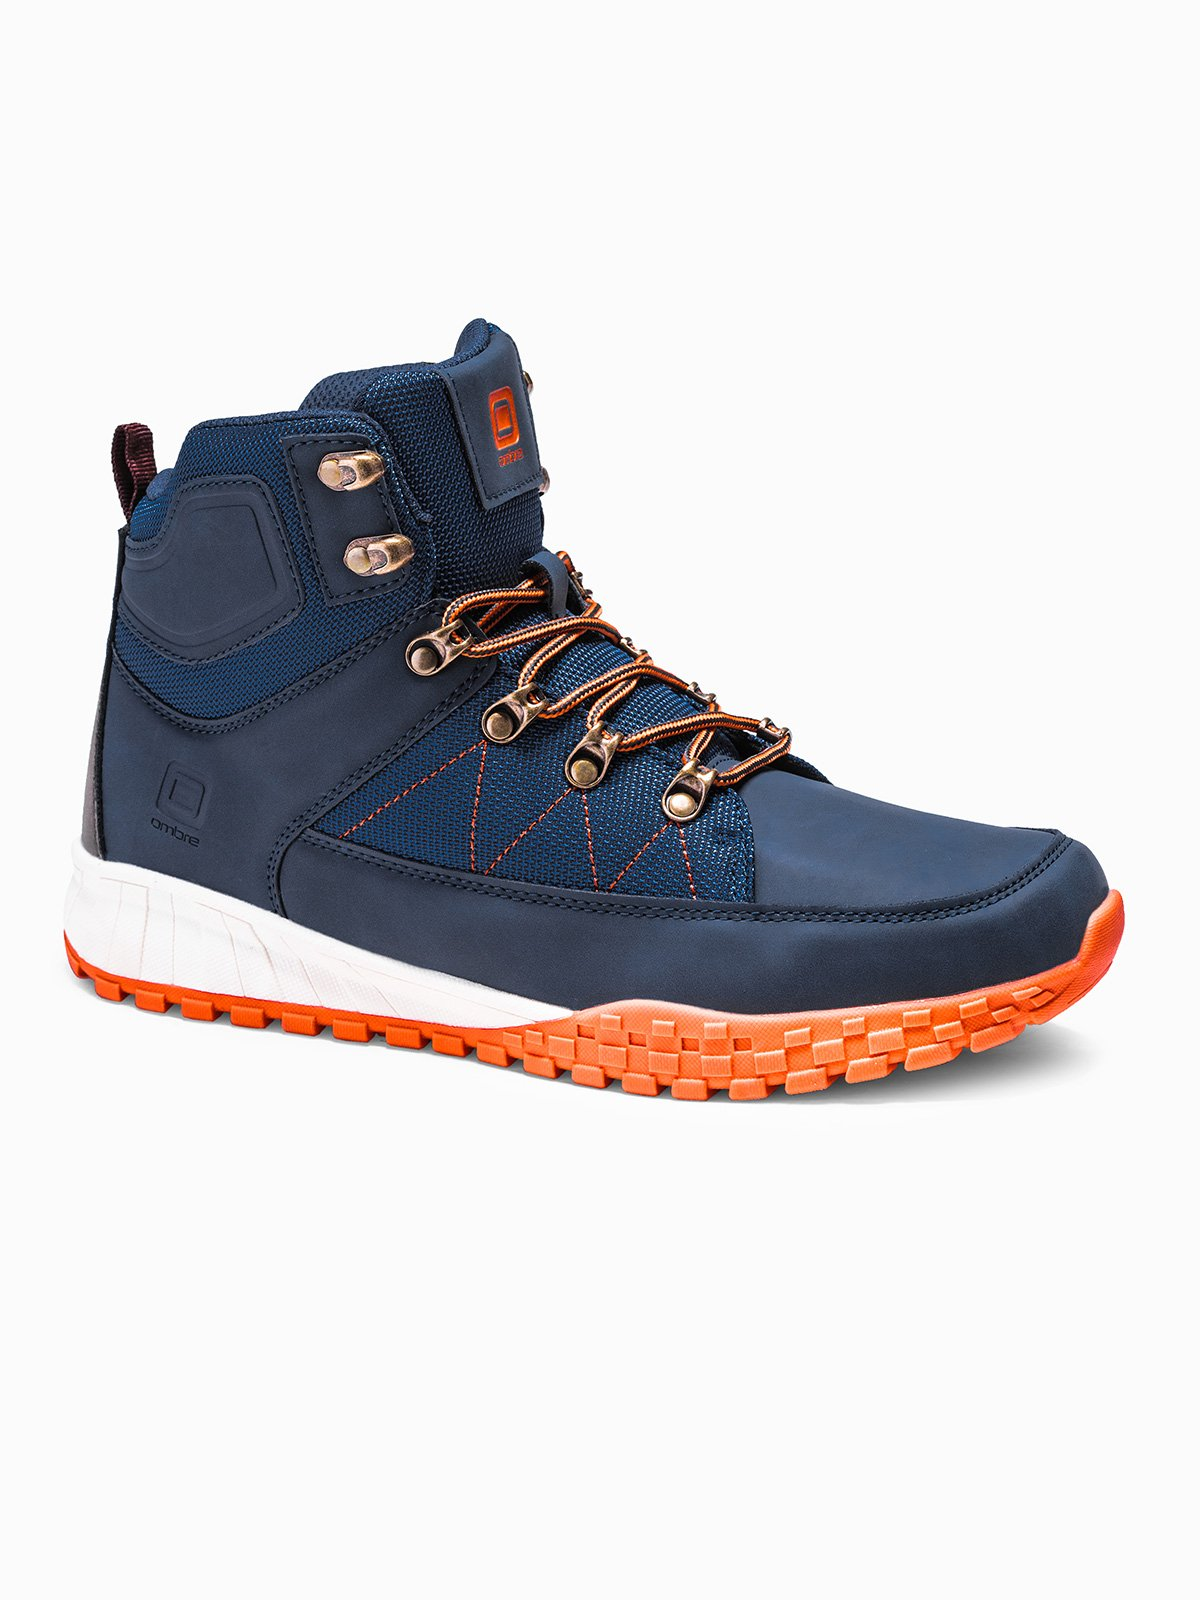 Купить Чоловічі зимові черевики траппери T315 - темно-сині, Ombre Clothing